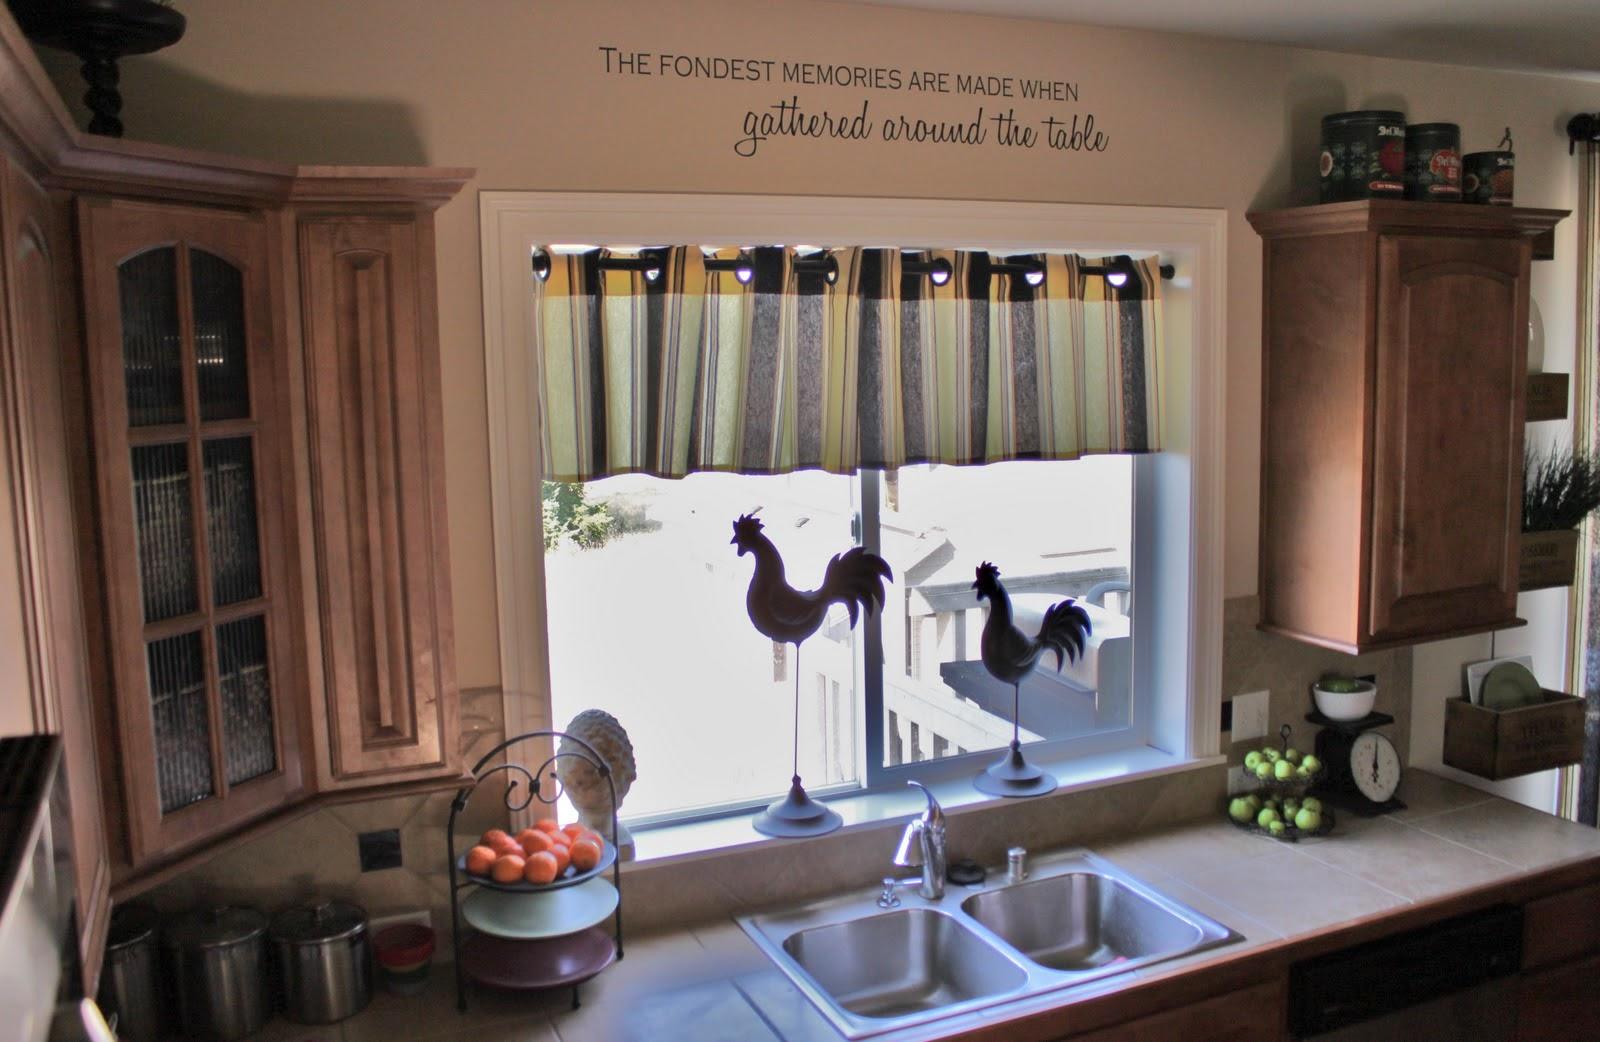 rideau pour cuisine design conseils dco archives page sur blog dco de home maison with rideau. Black Bedroom Furniture Sets. Home Design Ideas